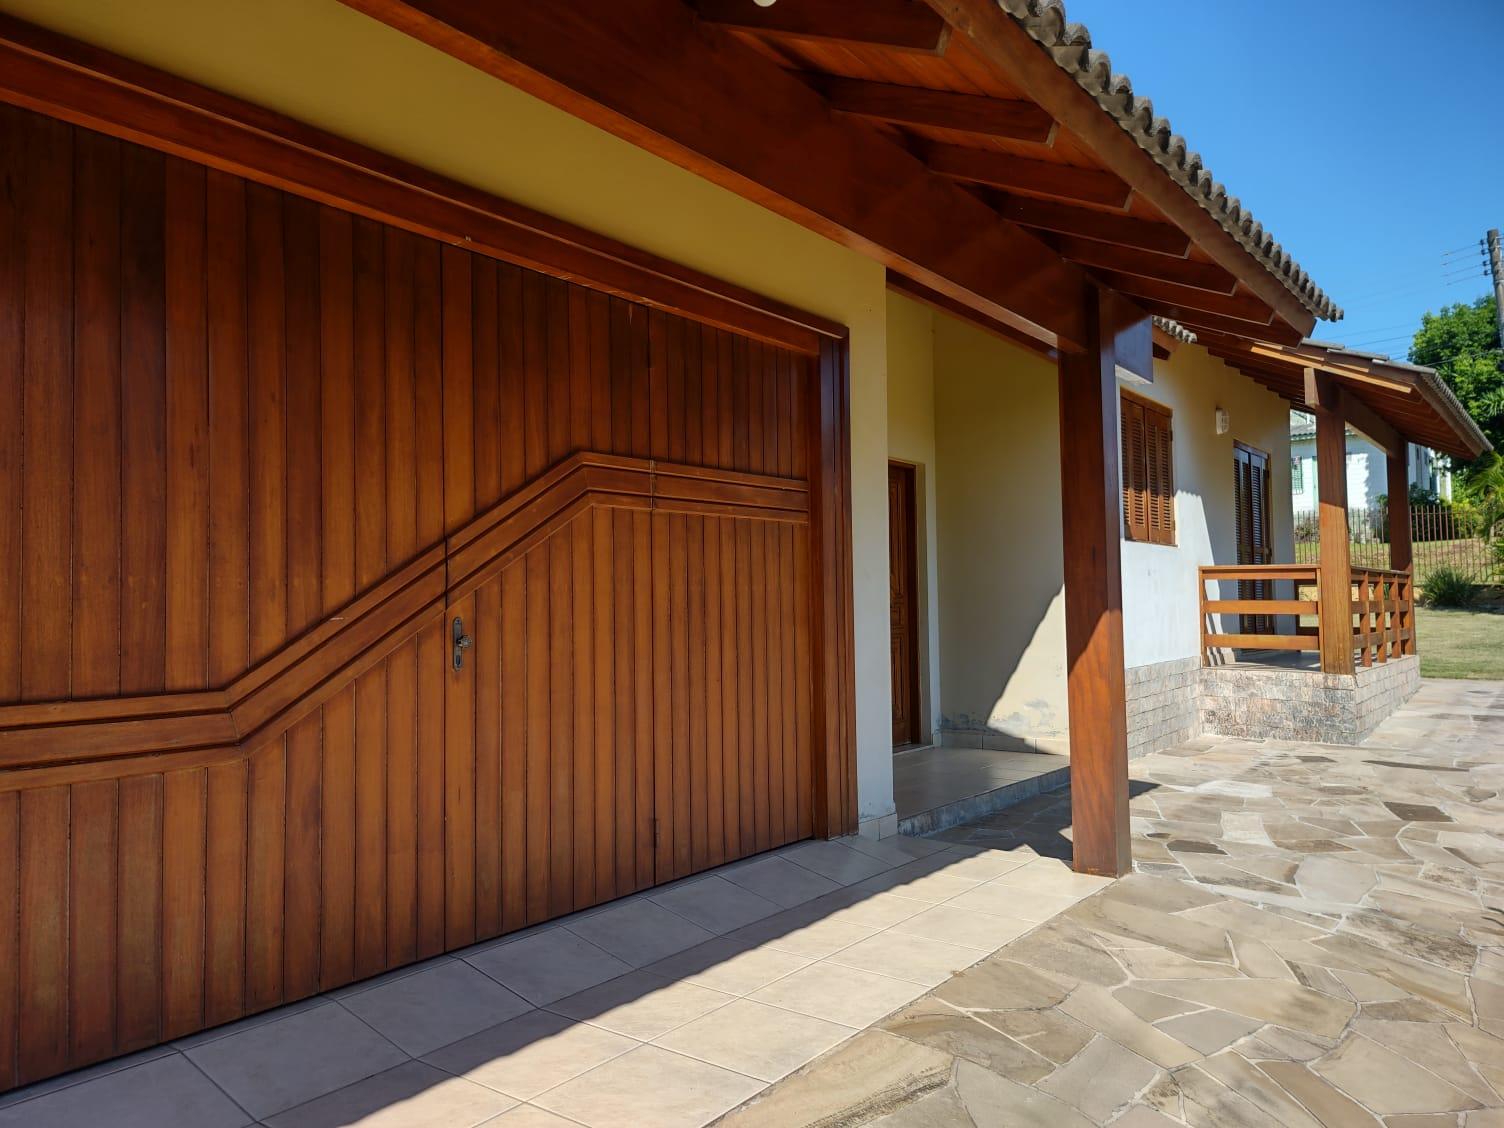 Fotos do imóvel Vendo Baita casa no centro de Nova Hartz - Sparrenberger Imóveis